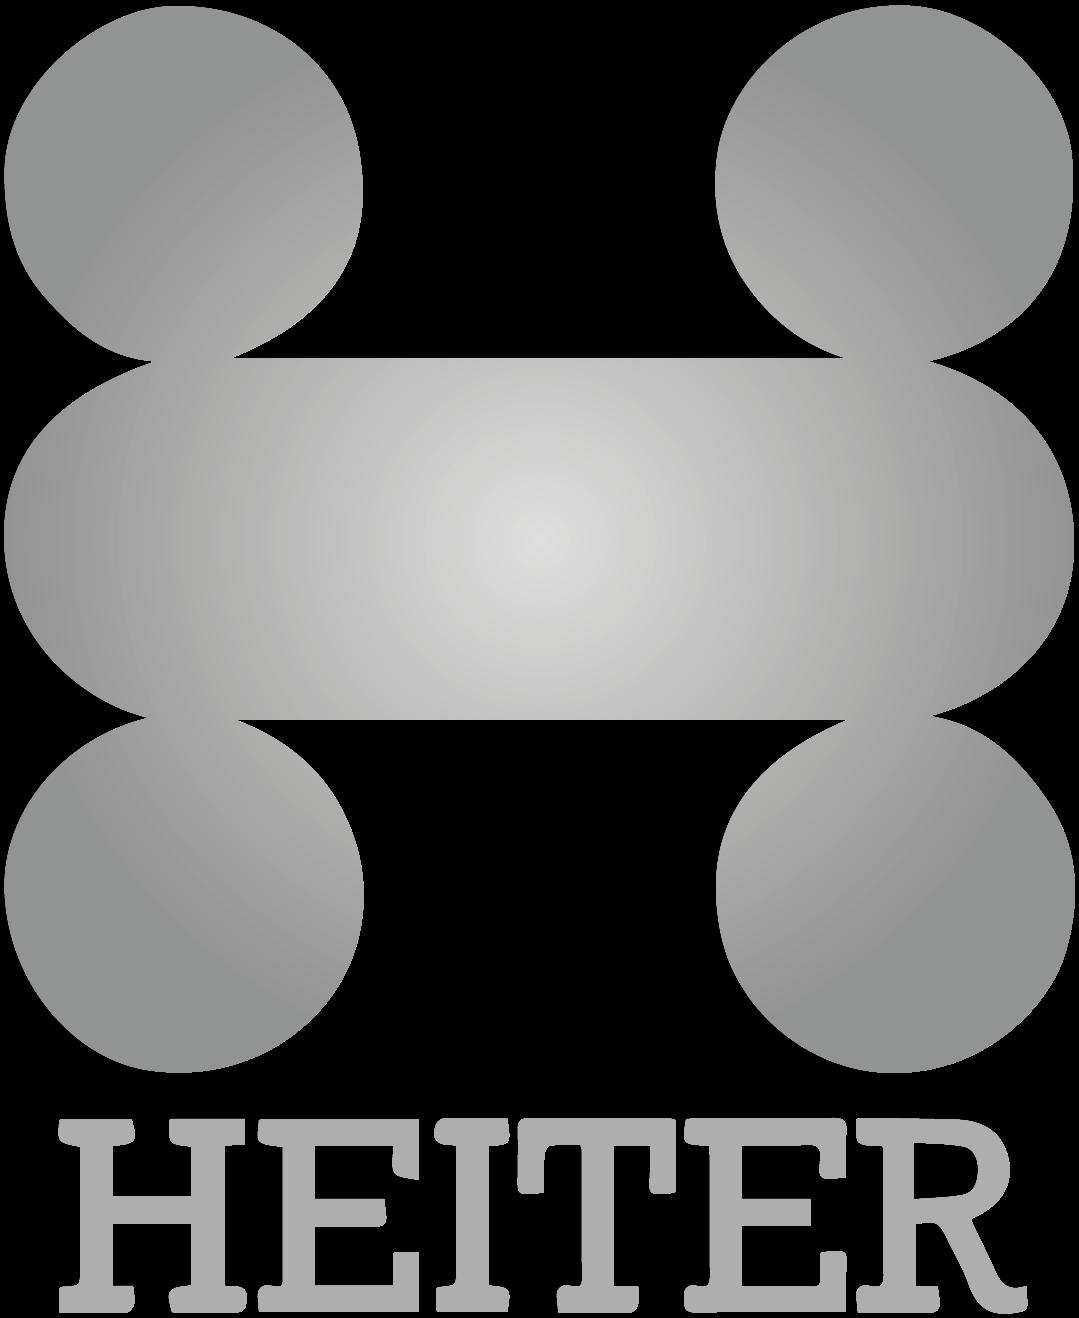 Heiter